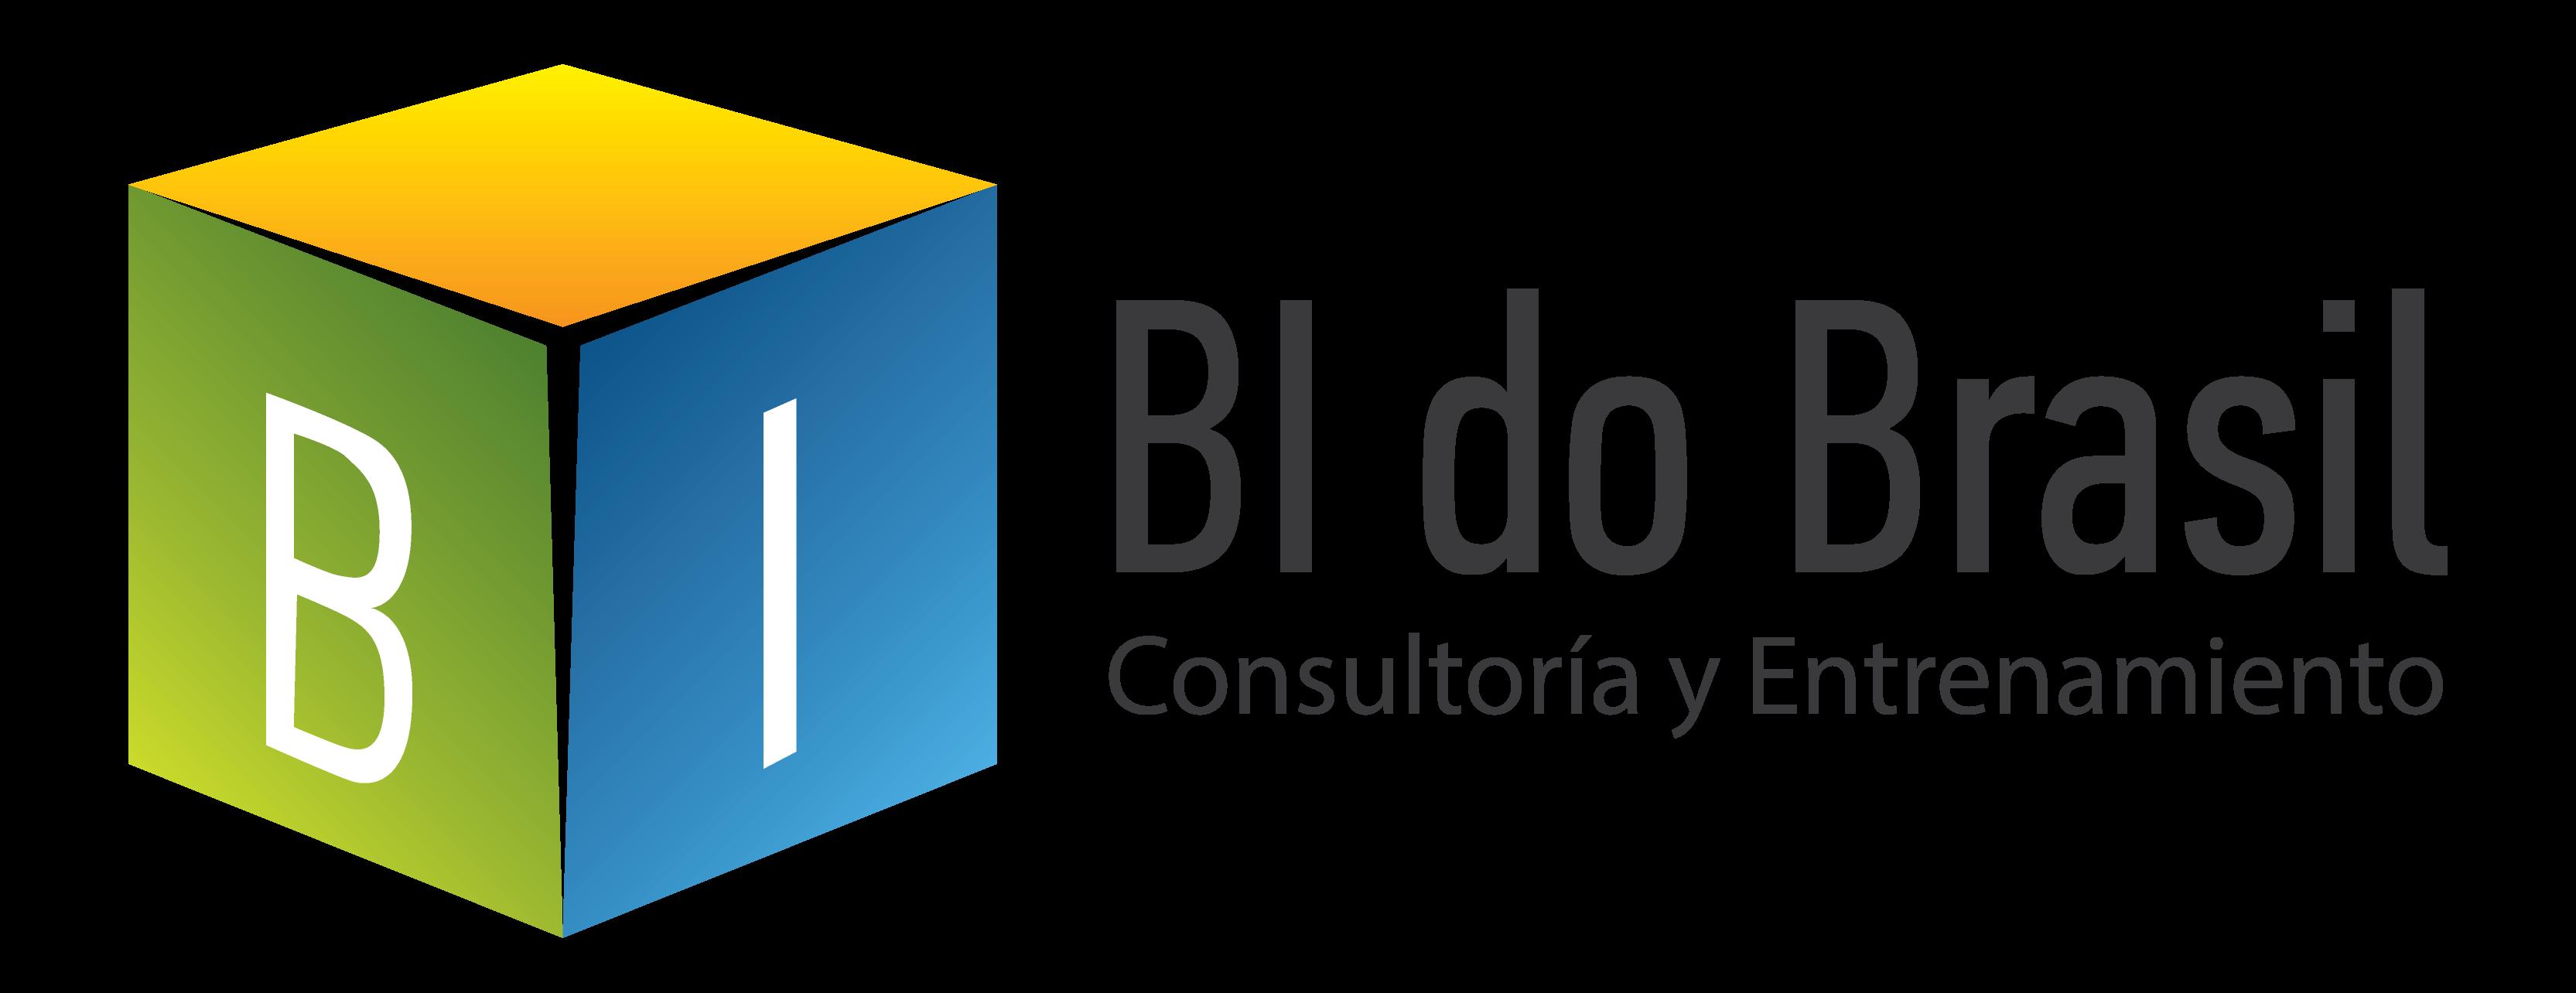 BI do Brasil | Espanhol